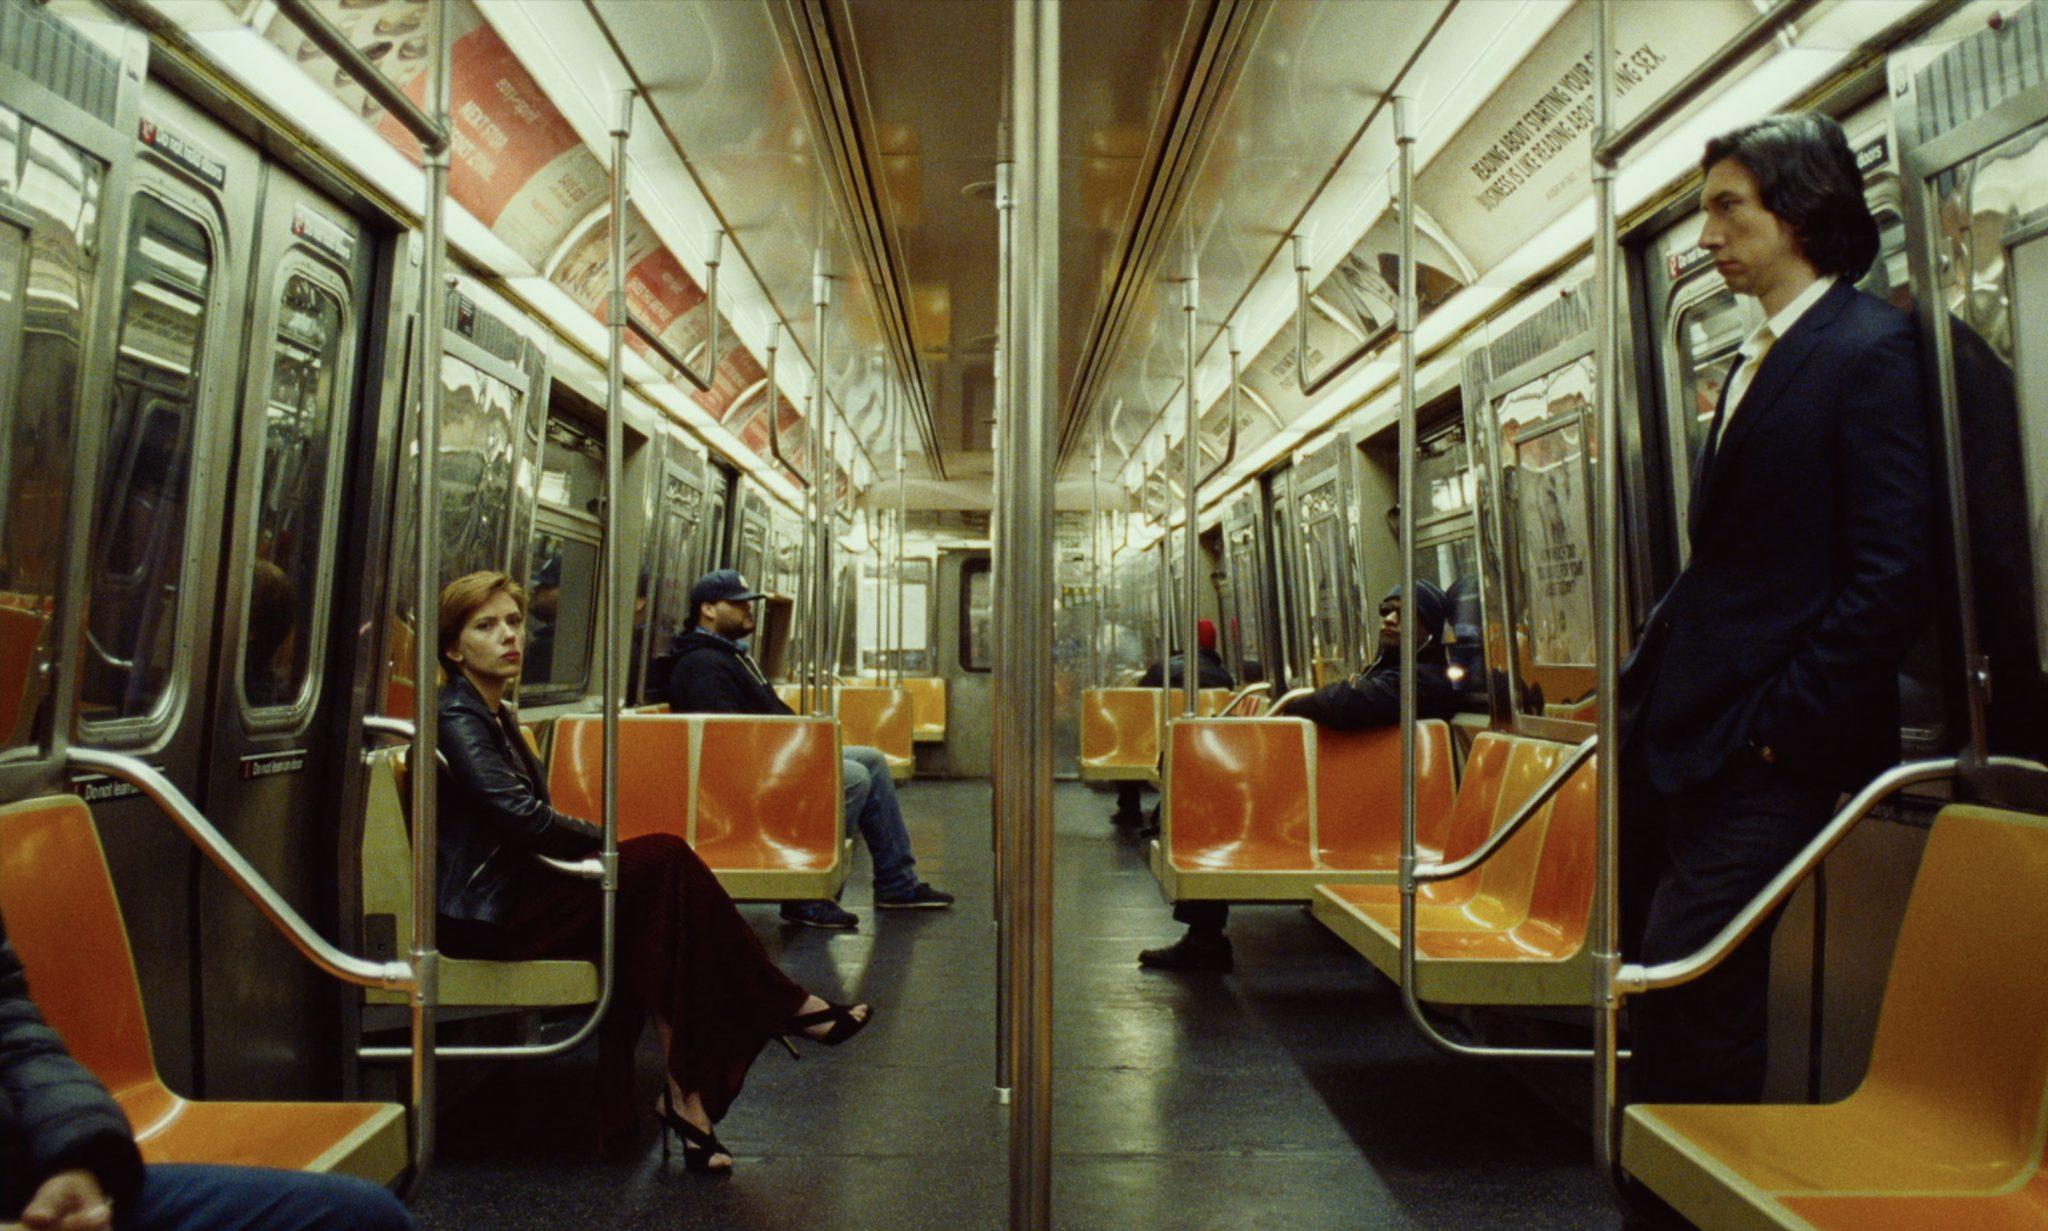 Scarlett Johansson als Nicole sitzt am linken Bildrand und Adam Driver als Charlie steht am rechten Bildrand. Die Szene spielt in einer U-Bahn.